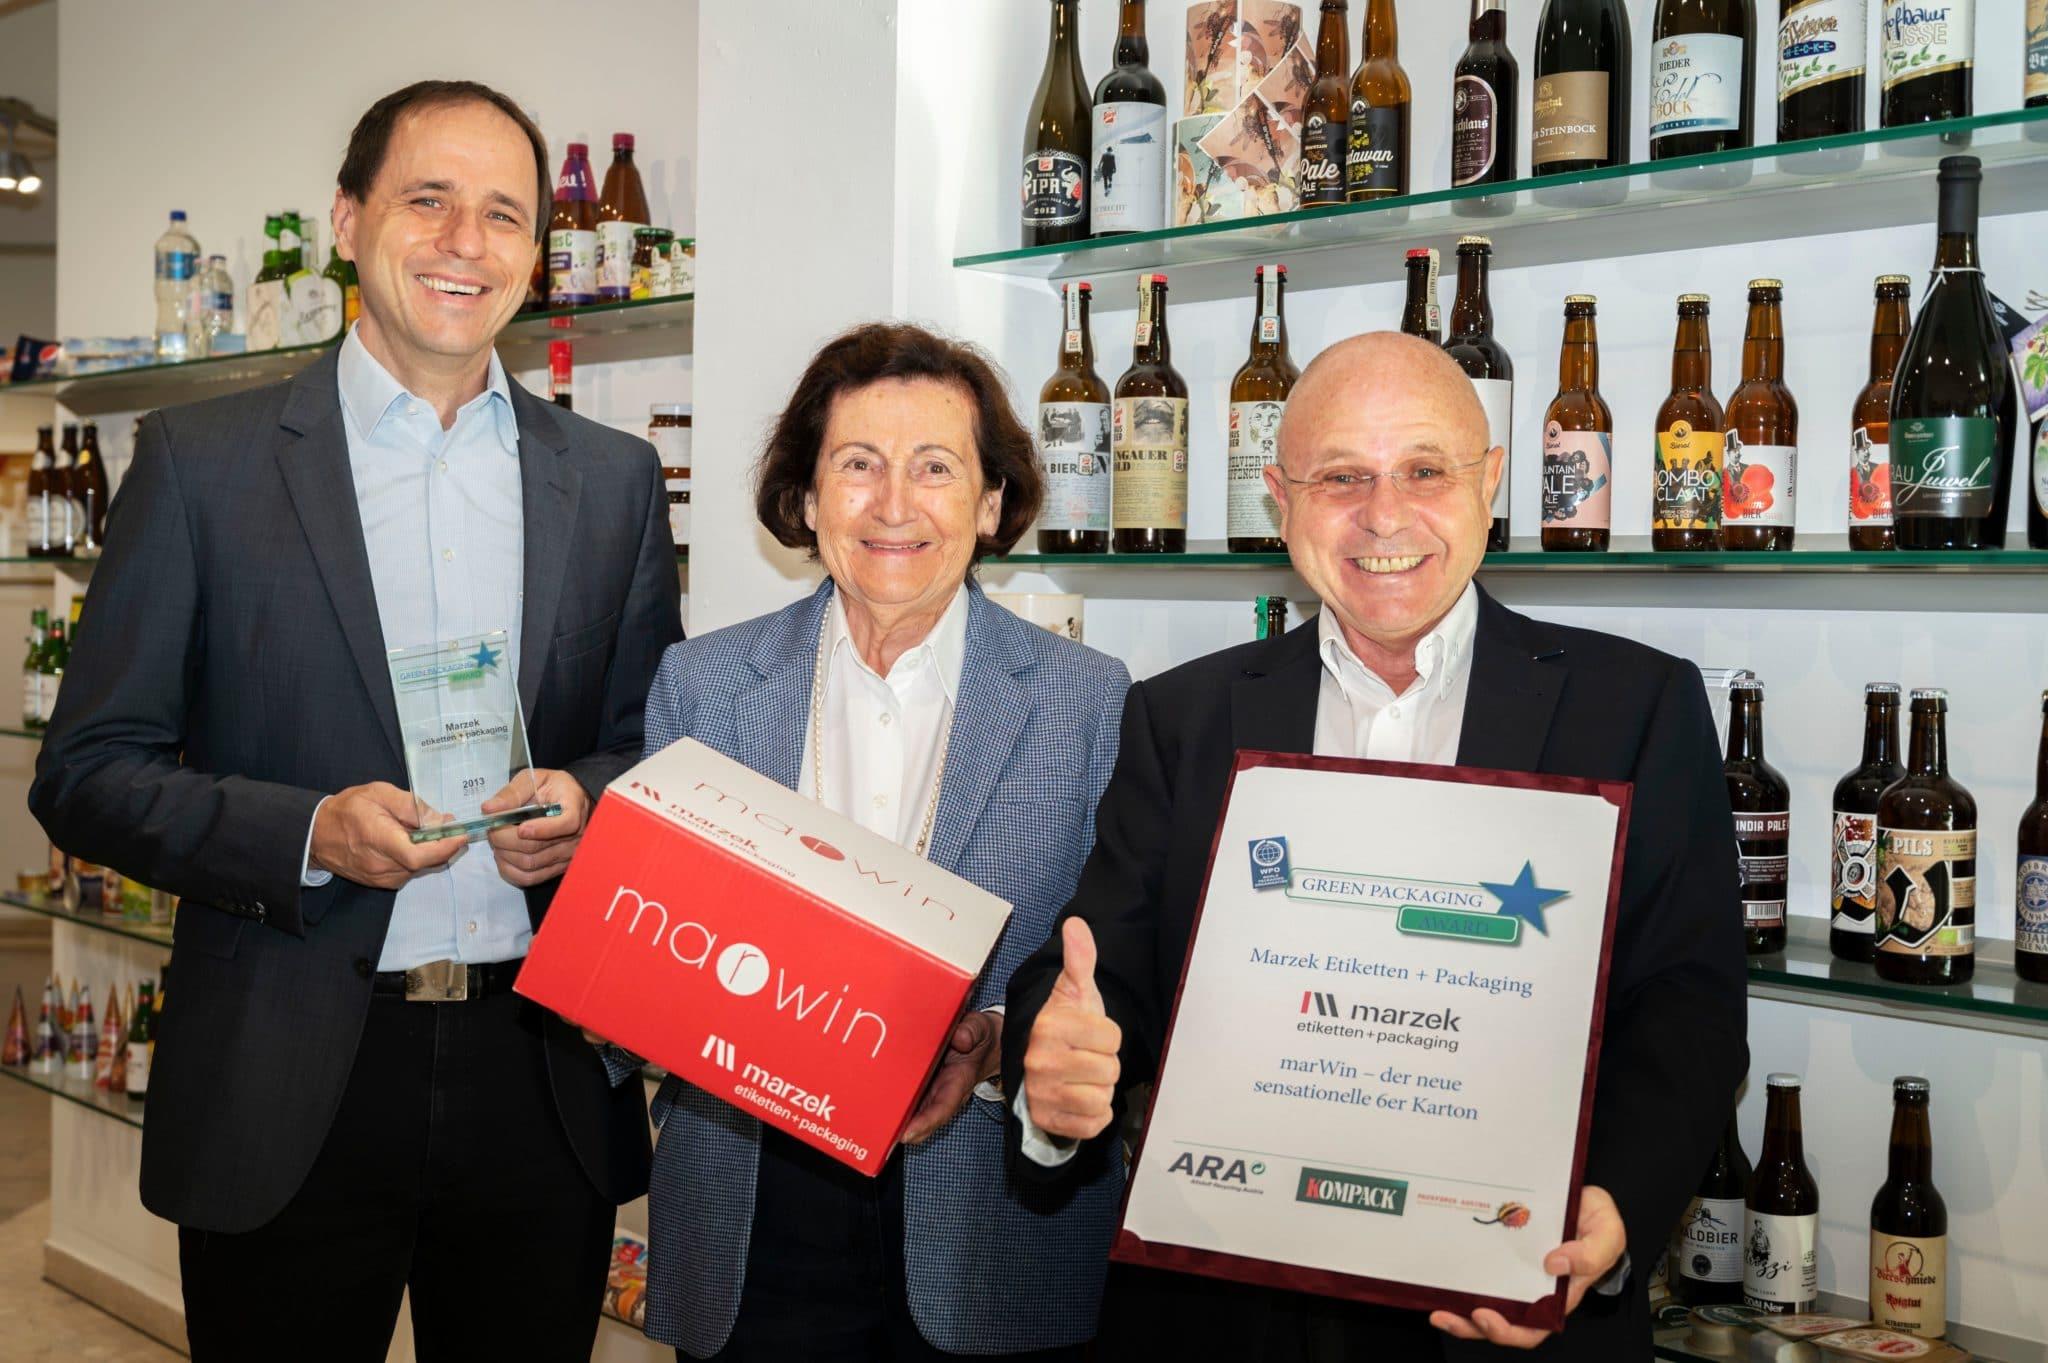 Alles in allem war 2020 ein sehr positives Jahr für Marzek Etiketten+Packaging. Viele Auszeichnungen und eine gute Geschäftsentwicklung sprechen für sich (Quelle: Marzek Etiketten+Packaging)